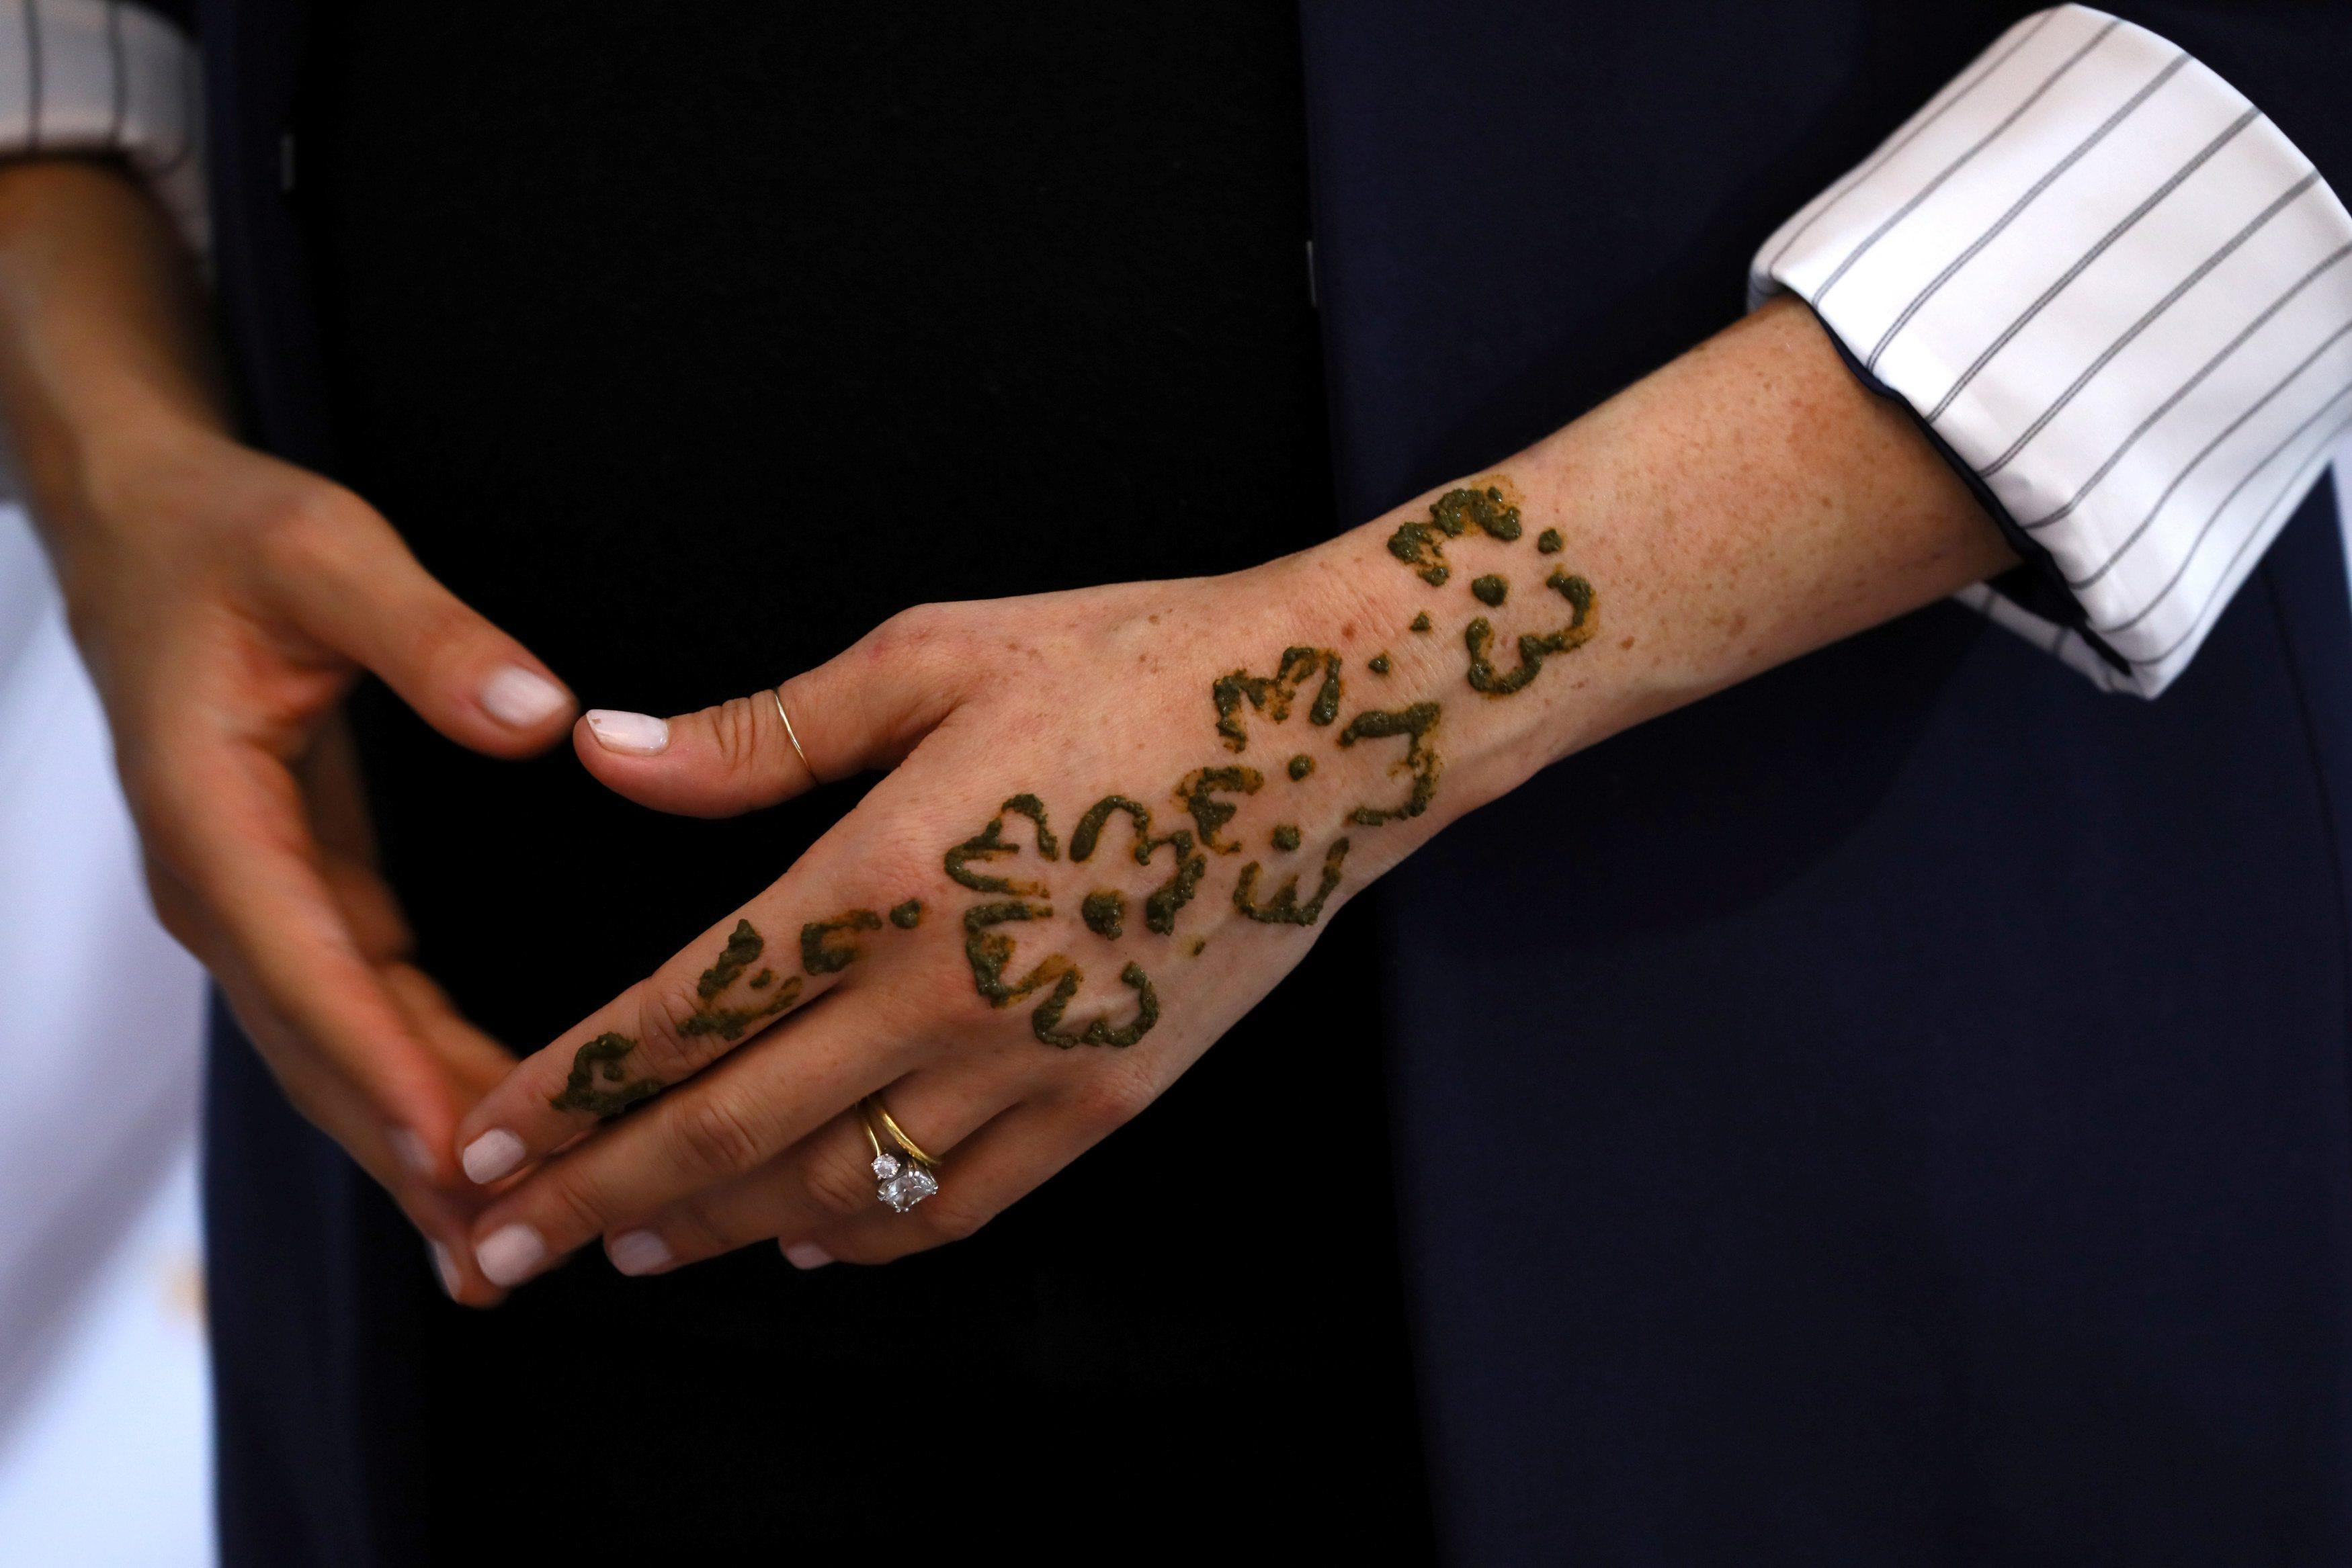 Meghan Markle Zrobiła Sobie Tatuaż Z Henny 17 Lenia Samira